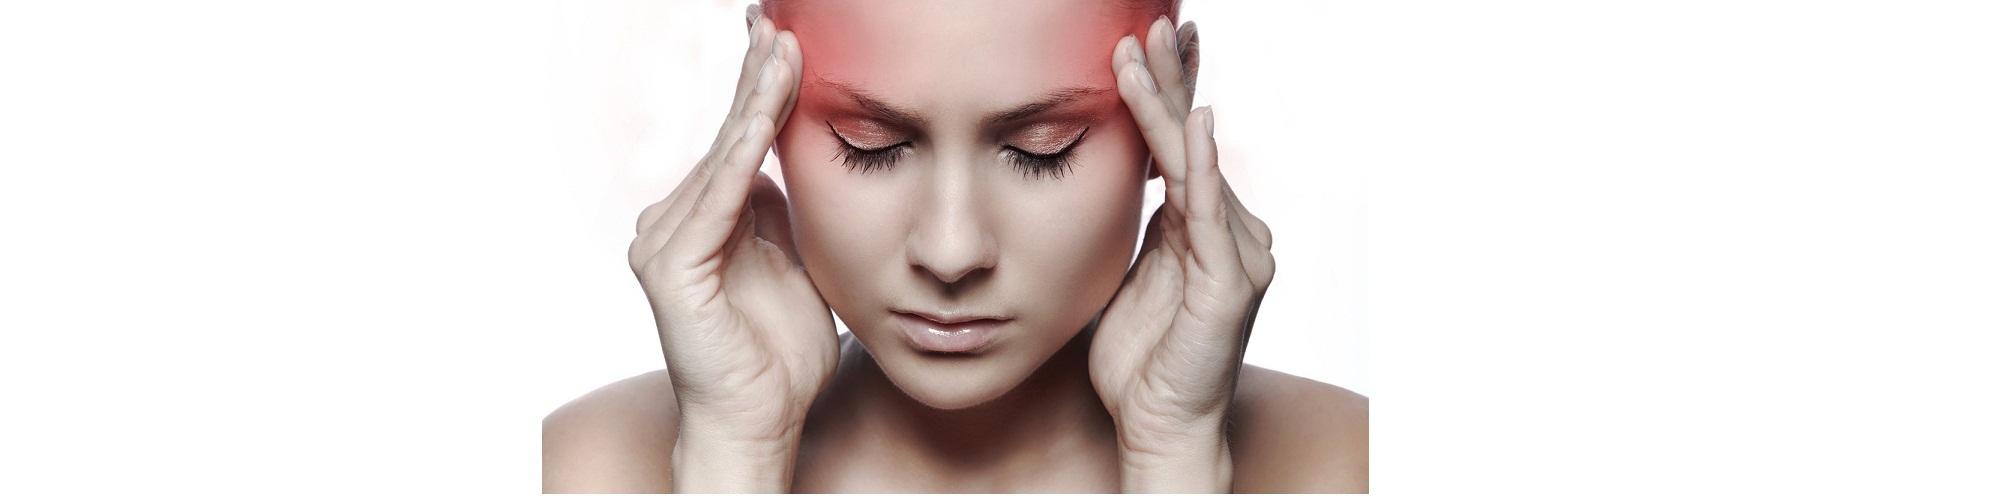 Головная боль при шейном остеохондрозе (цефалгия). Как избавиться от головной боли при шейном остеохондрозе?